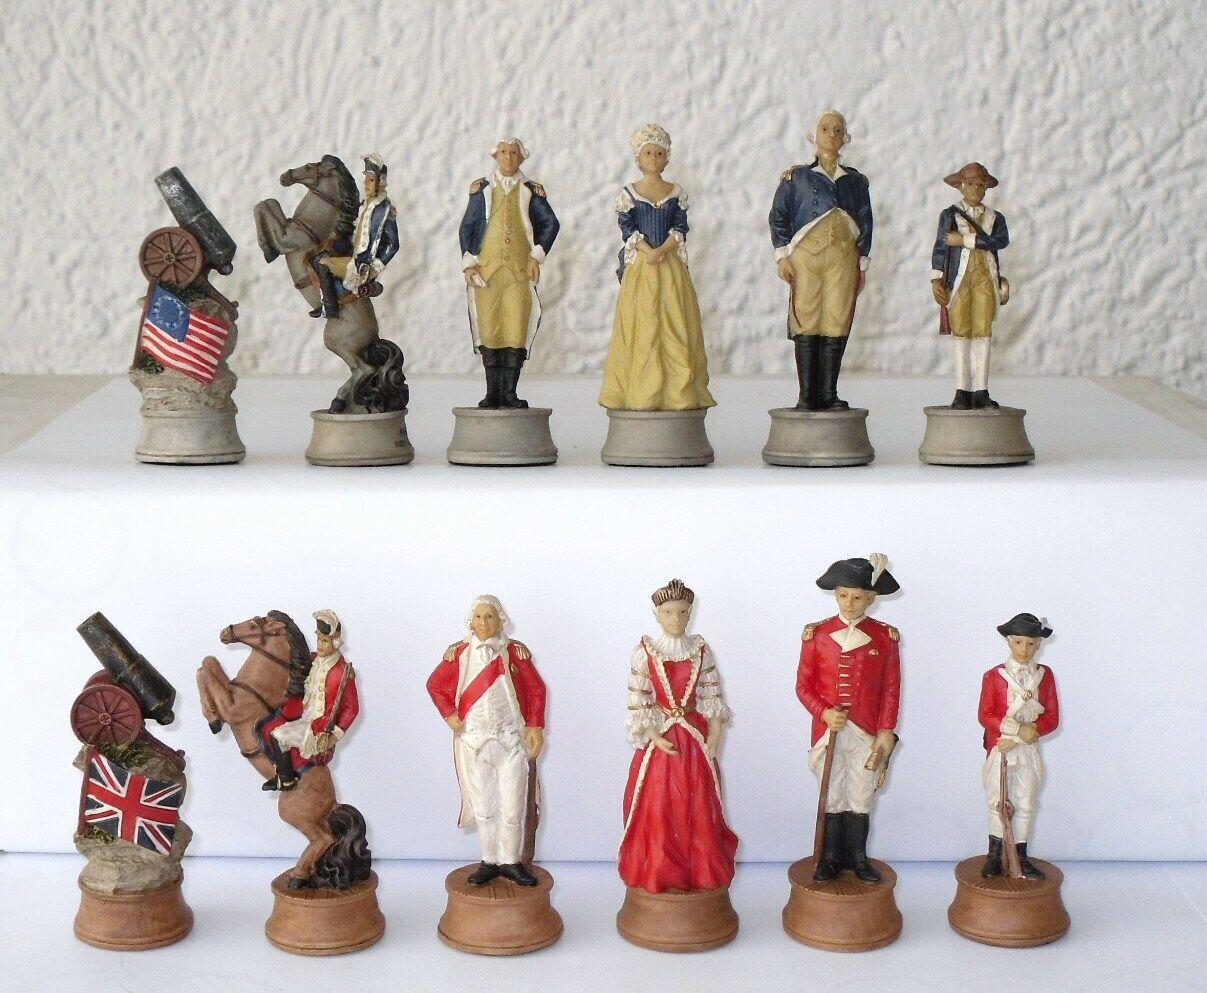 descuento de bajo precio Piezas de de de ajedrez inglaterra vs. américa ajedrez  en linea